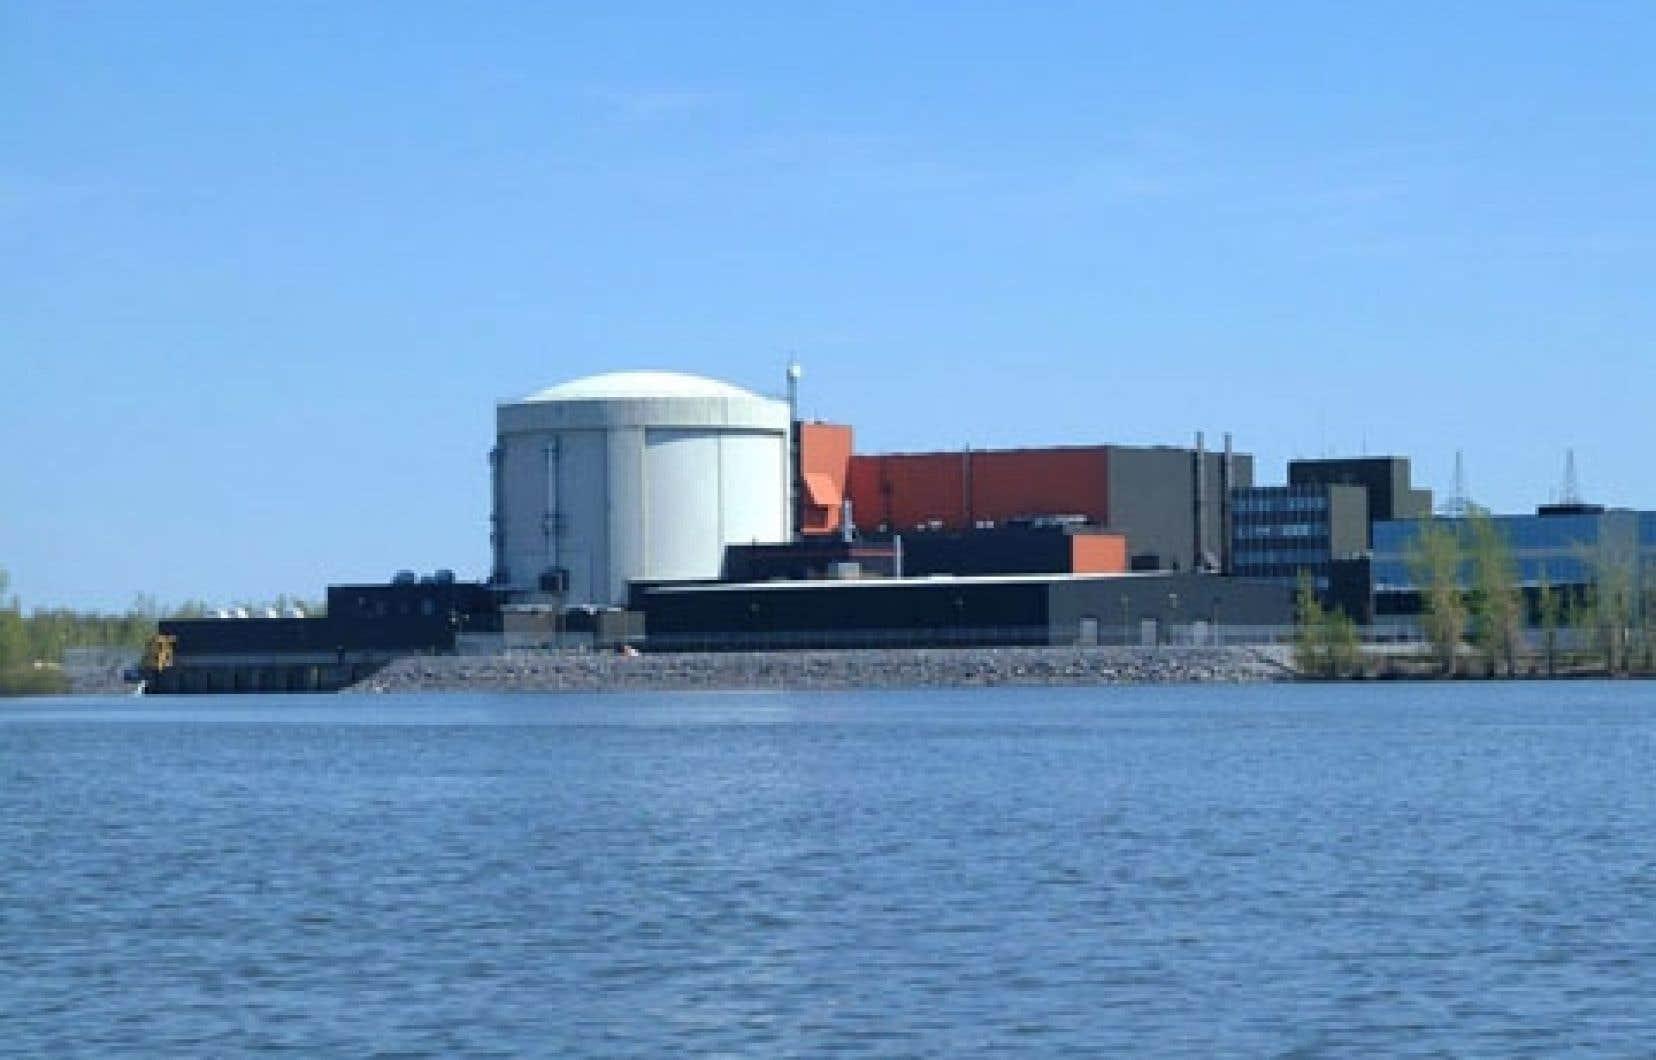 Comme le révélait Le Devoir le printemps dernier, Hydro-Québec avait envoyé, le 14 mai 2012, une lettre à Énergie atomique du Canada limité (AECL) pour l'informer de la suspension des travaux, au motif que l'organisme fédéral avait manqué à ses obligations puisqu'elle n'avait pas réussi à respecter ses engagements à la centrale nucléaire de Point Lepreau, au Nouveau-Brunswick.